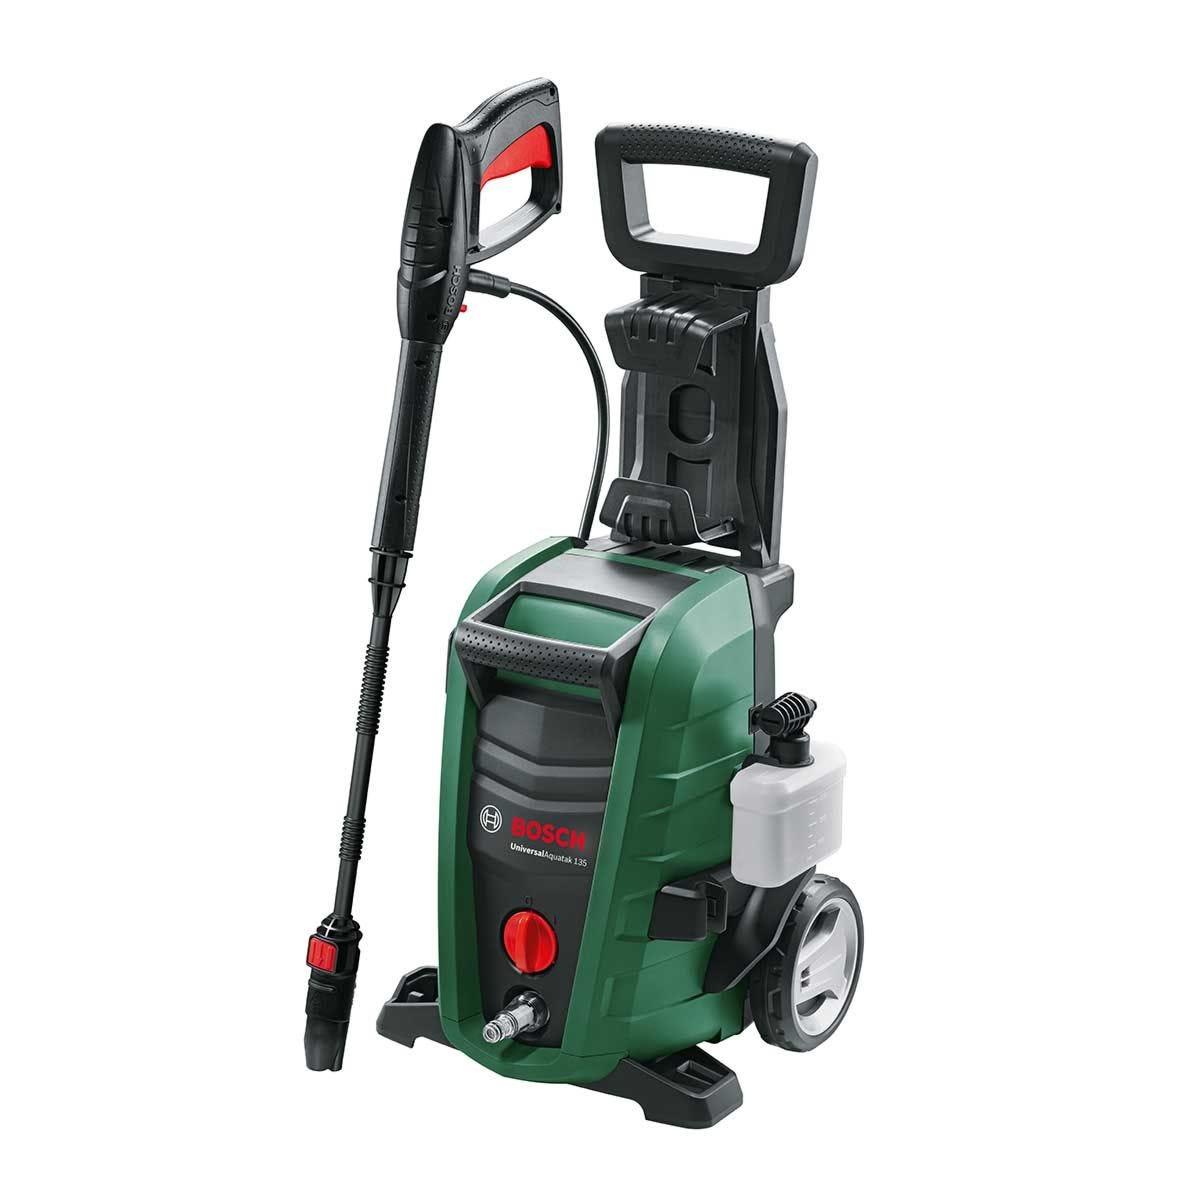 Bosch UniversalAquatak 135 Pressure Washer